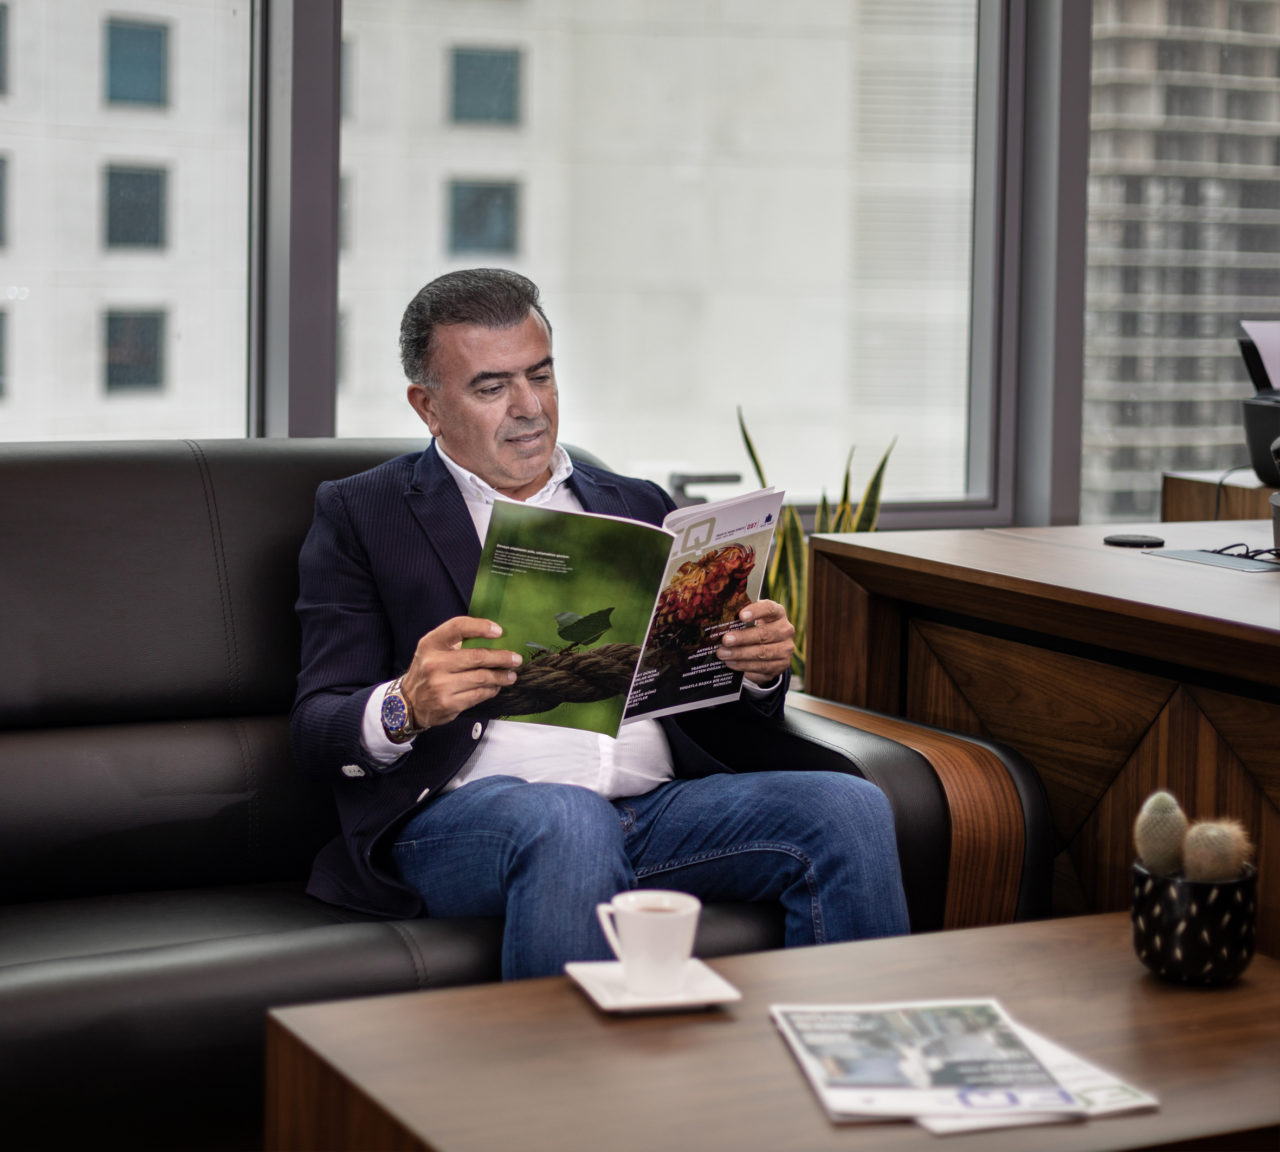 Unilever'in rahleyi tedrisinden geçen Ömer Özdemir,  Ant Yapı'ya duyduğu güvenin nedenini, aynı iş ve kalite anlayışına bağlıyor.